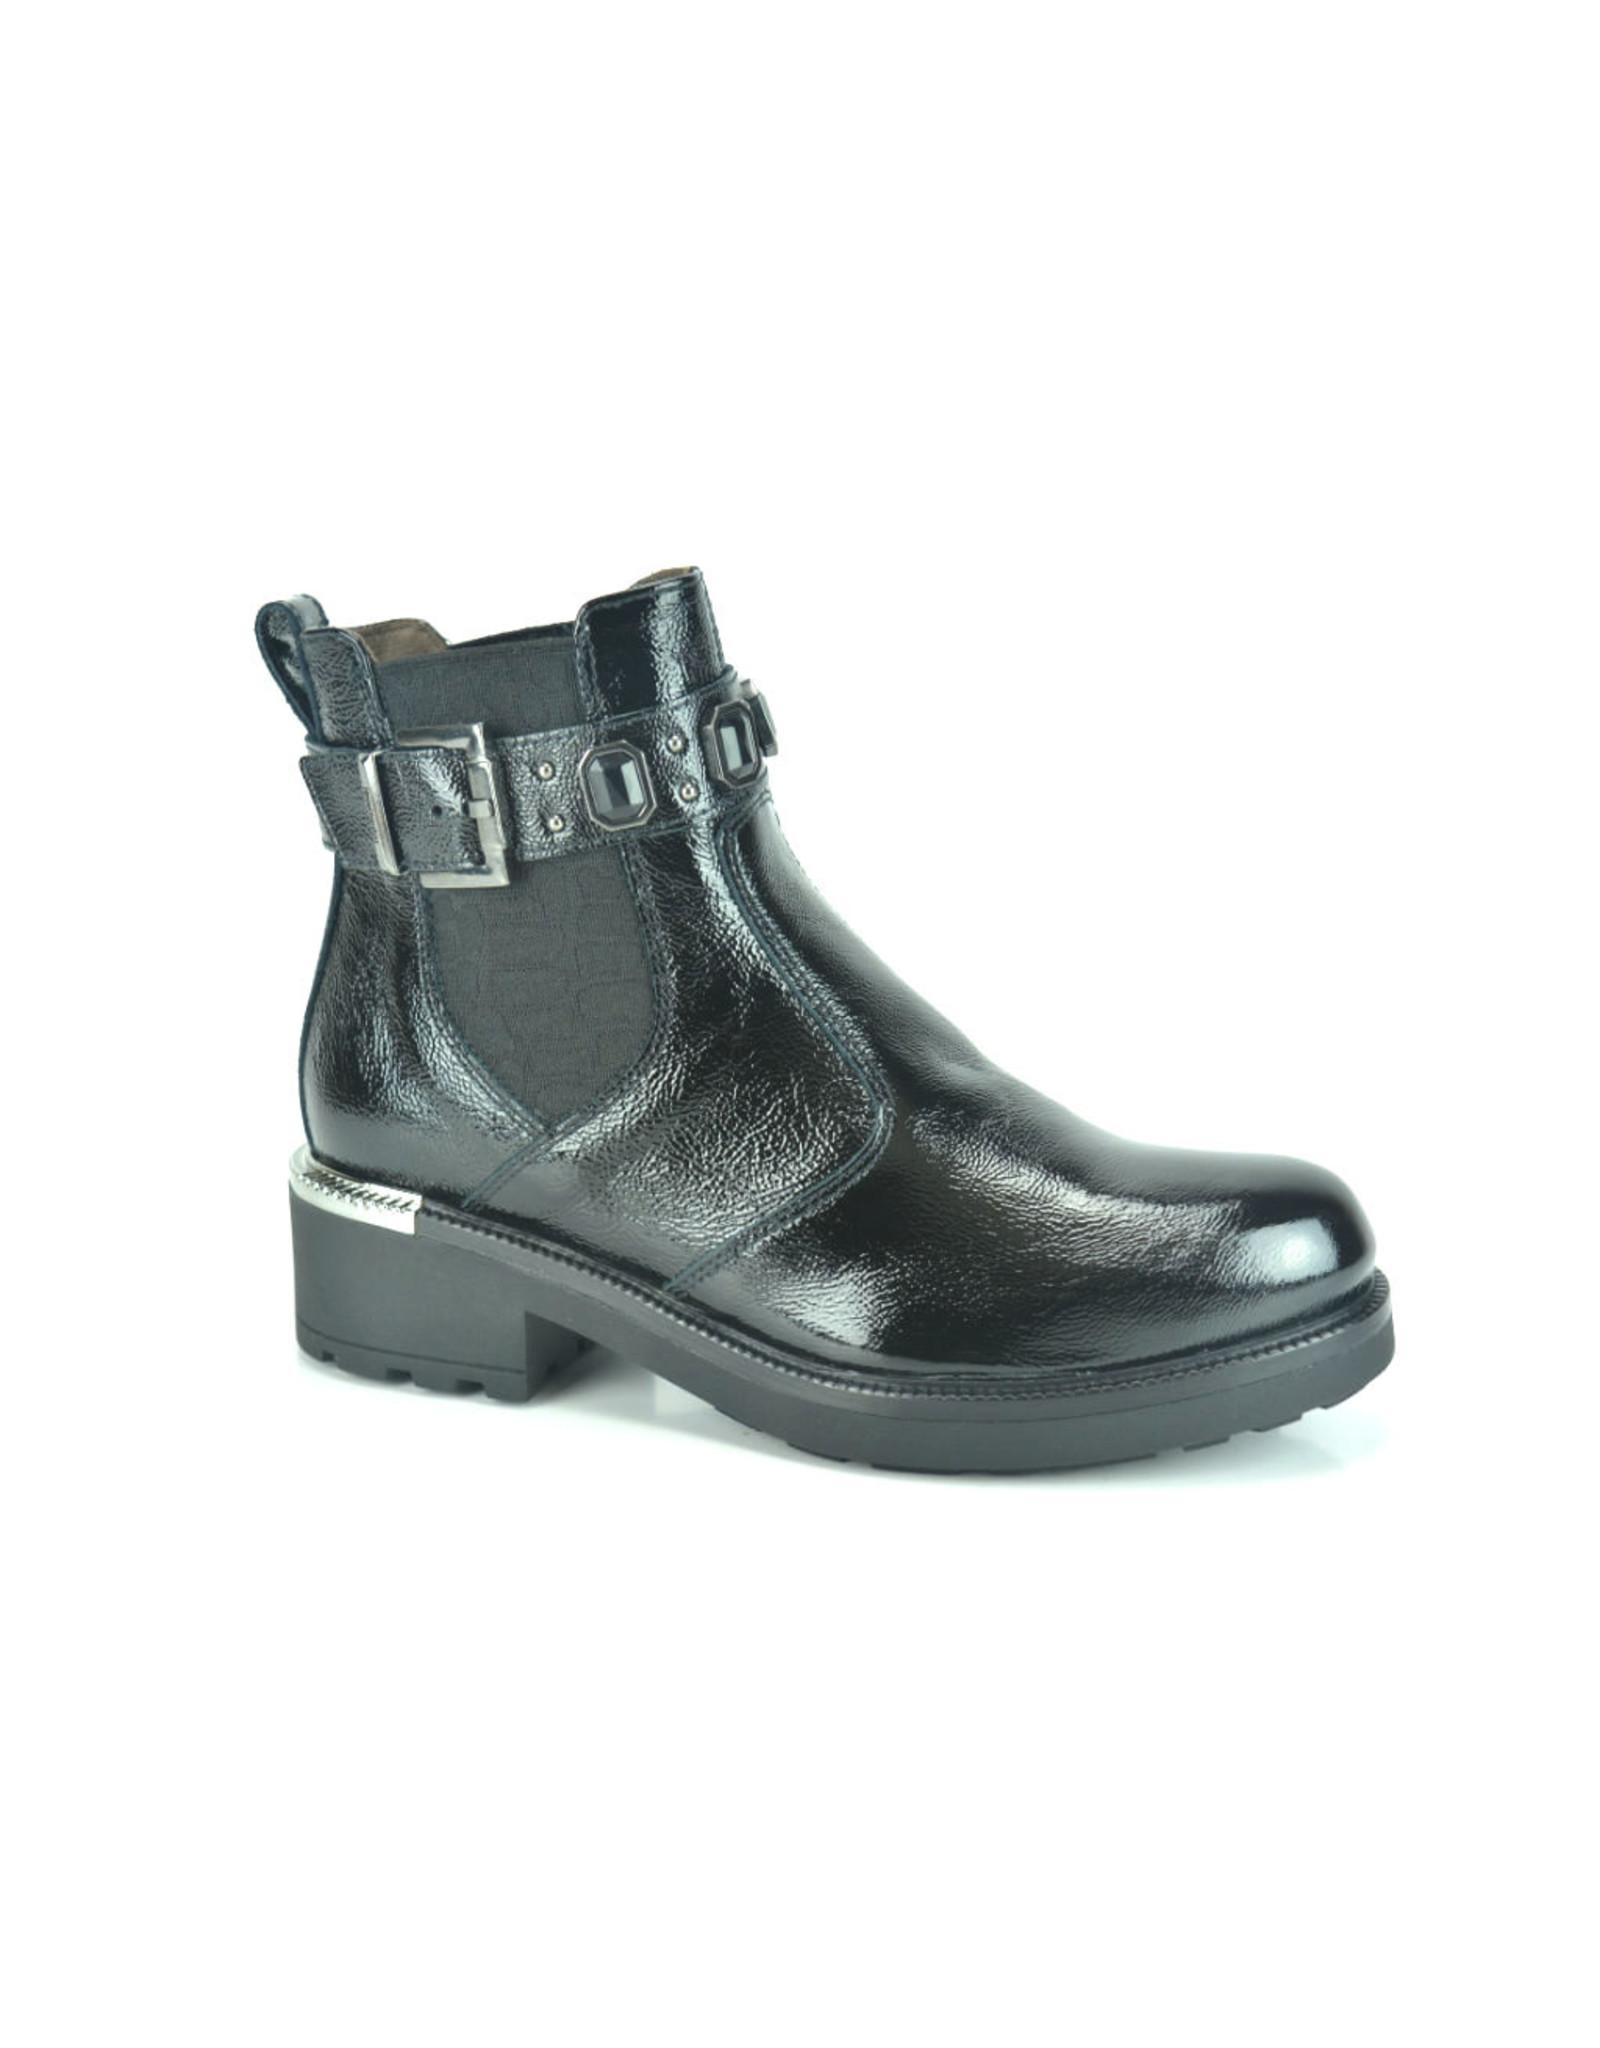 Nero Giardini 8723 zwart